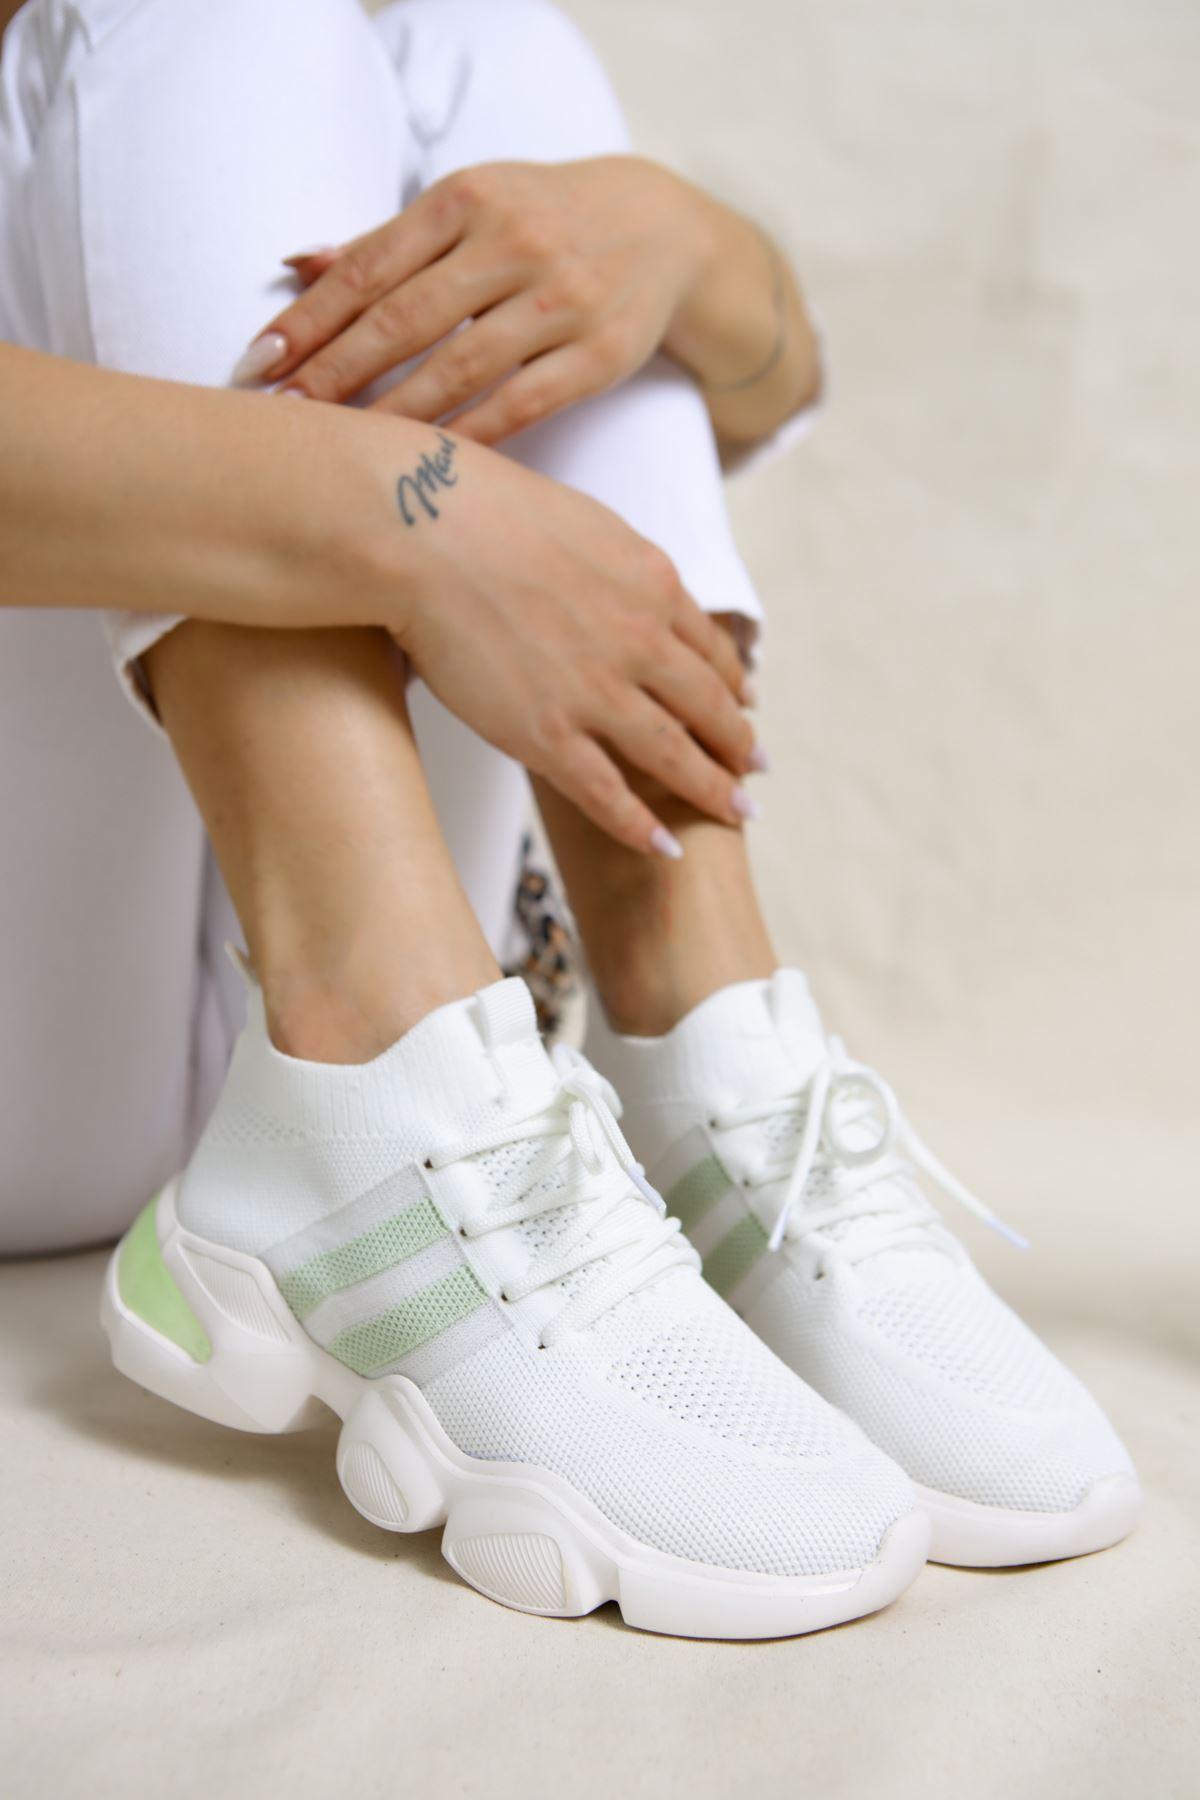 Mercy Beyaz Triko Bağcıklı Spor Ayakkabı